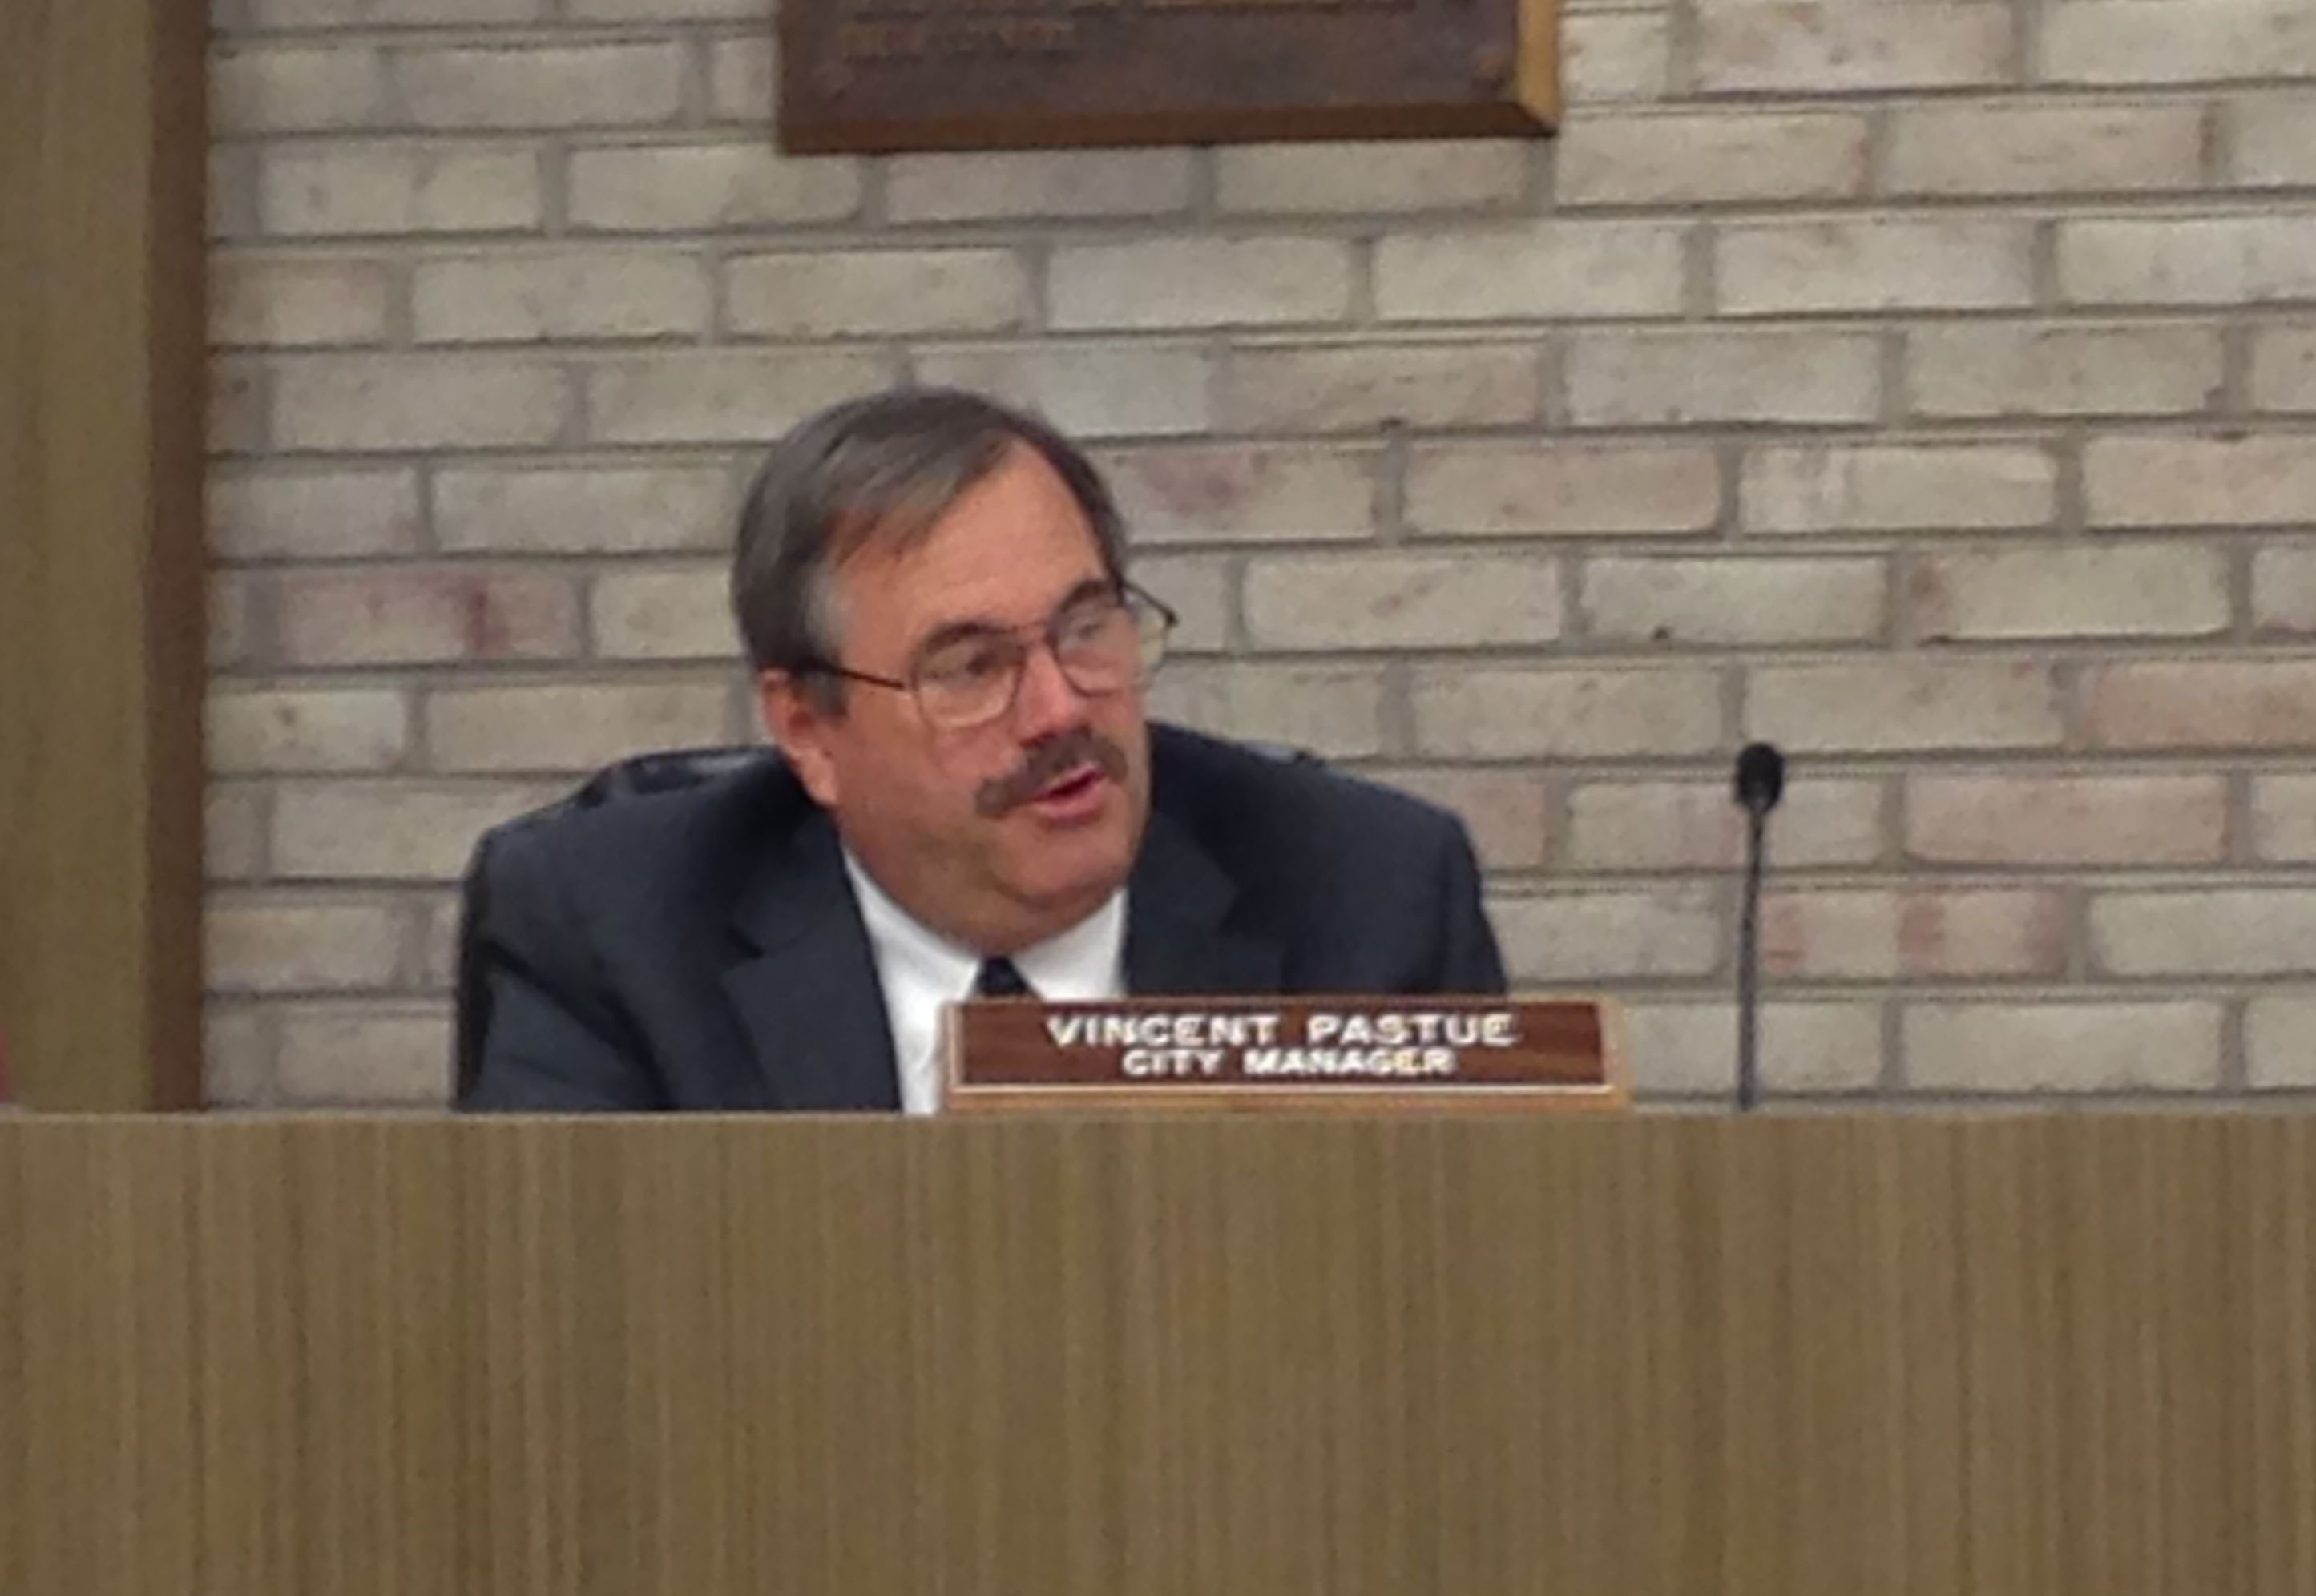 Exit Interview: Farmington City Manager Vince Pastue